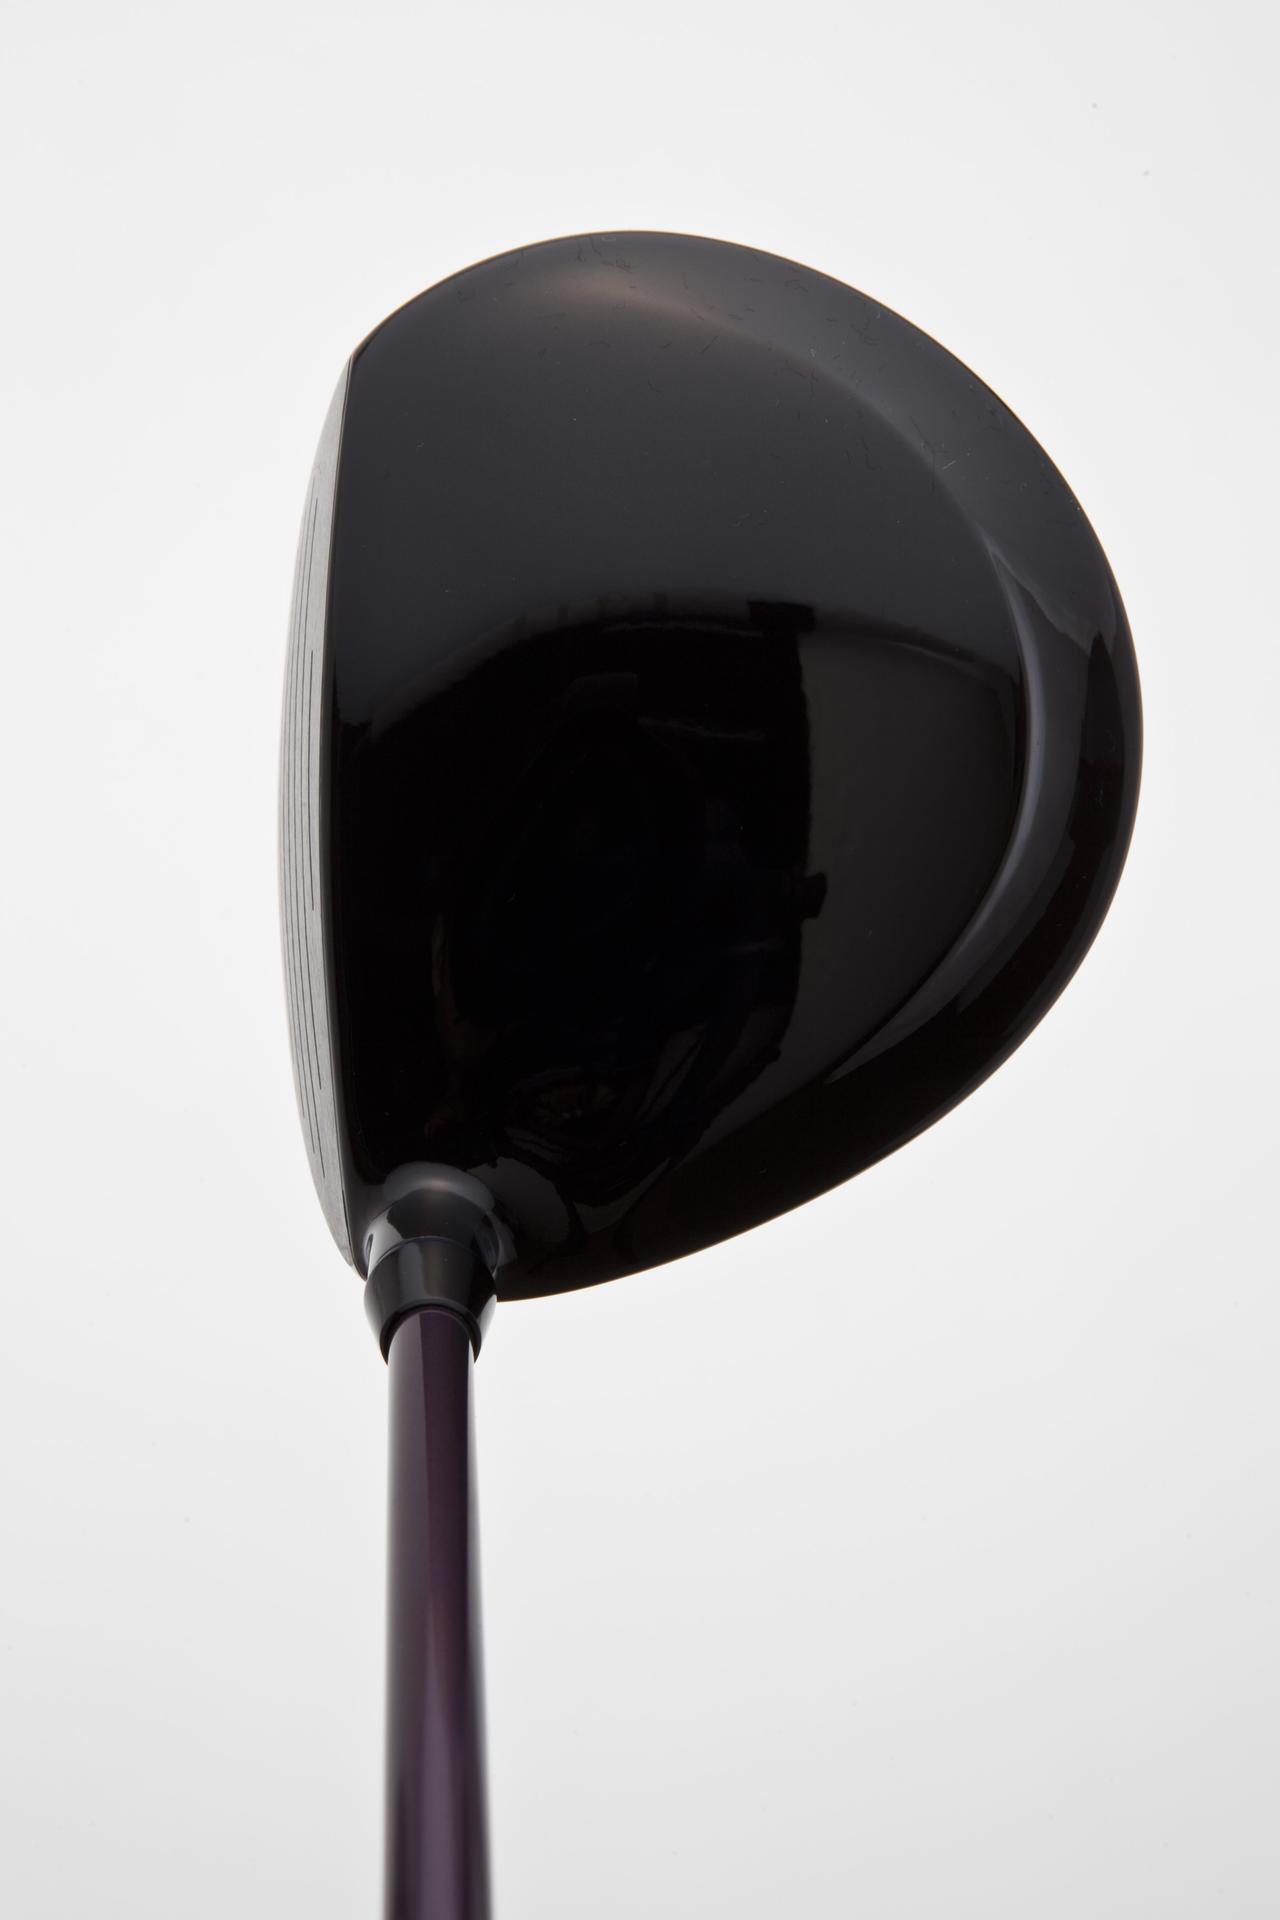 画像: フォーティーン・DT-111 ディープバックが特徴。ヘッドをレベルに入れて強い球が打ちやすい形状